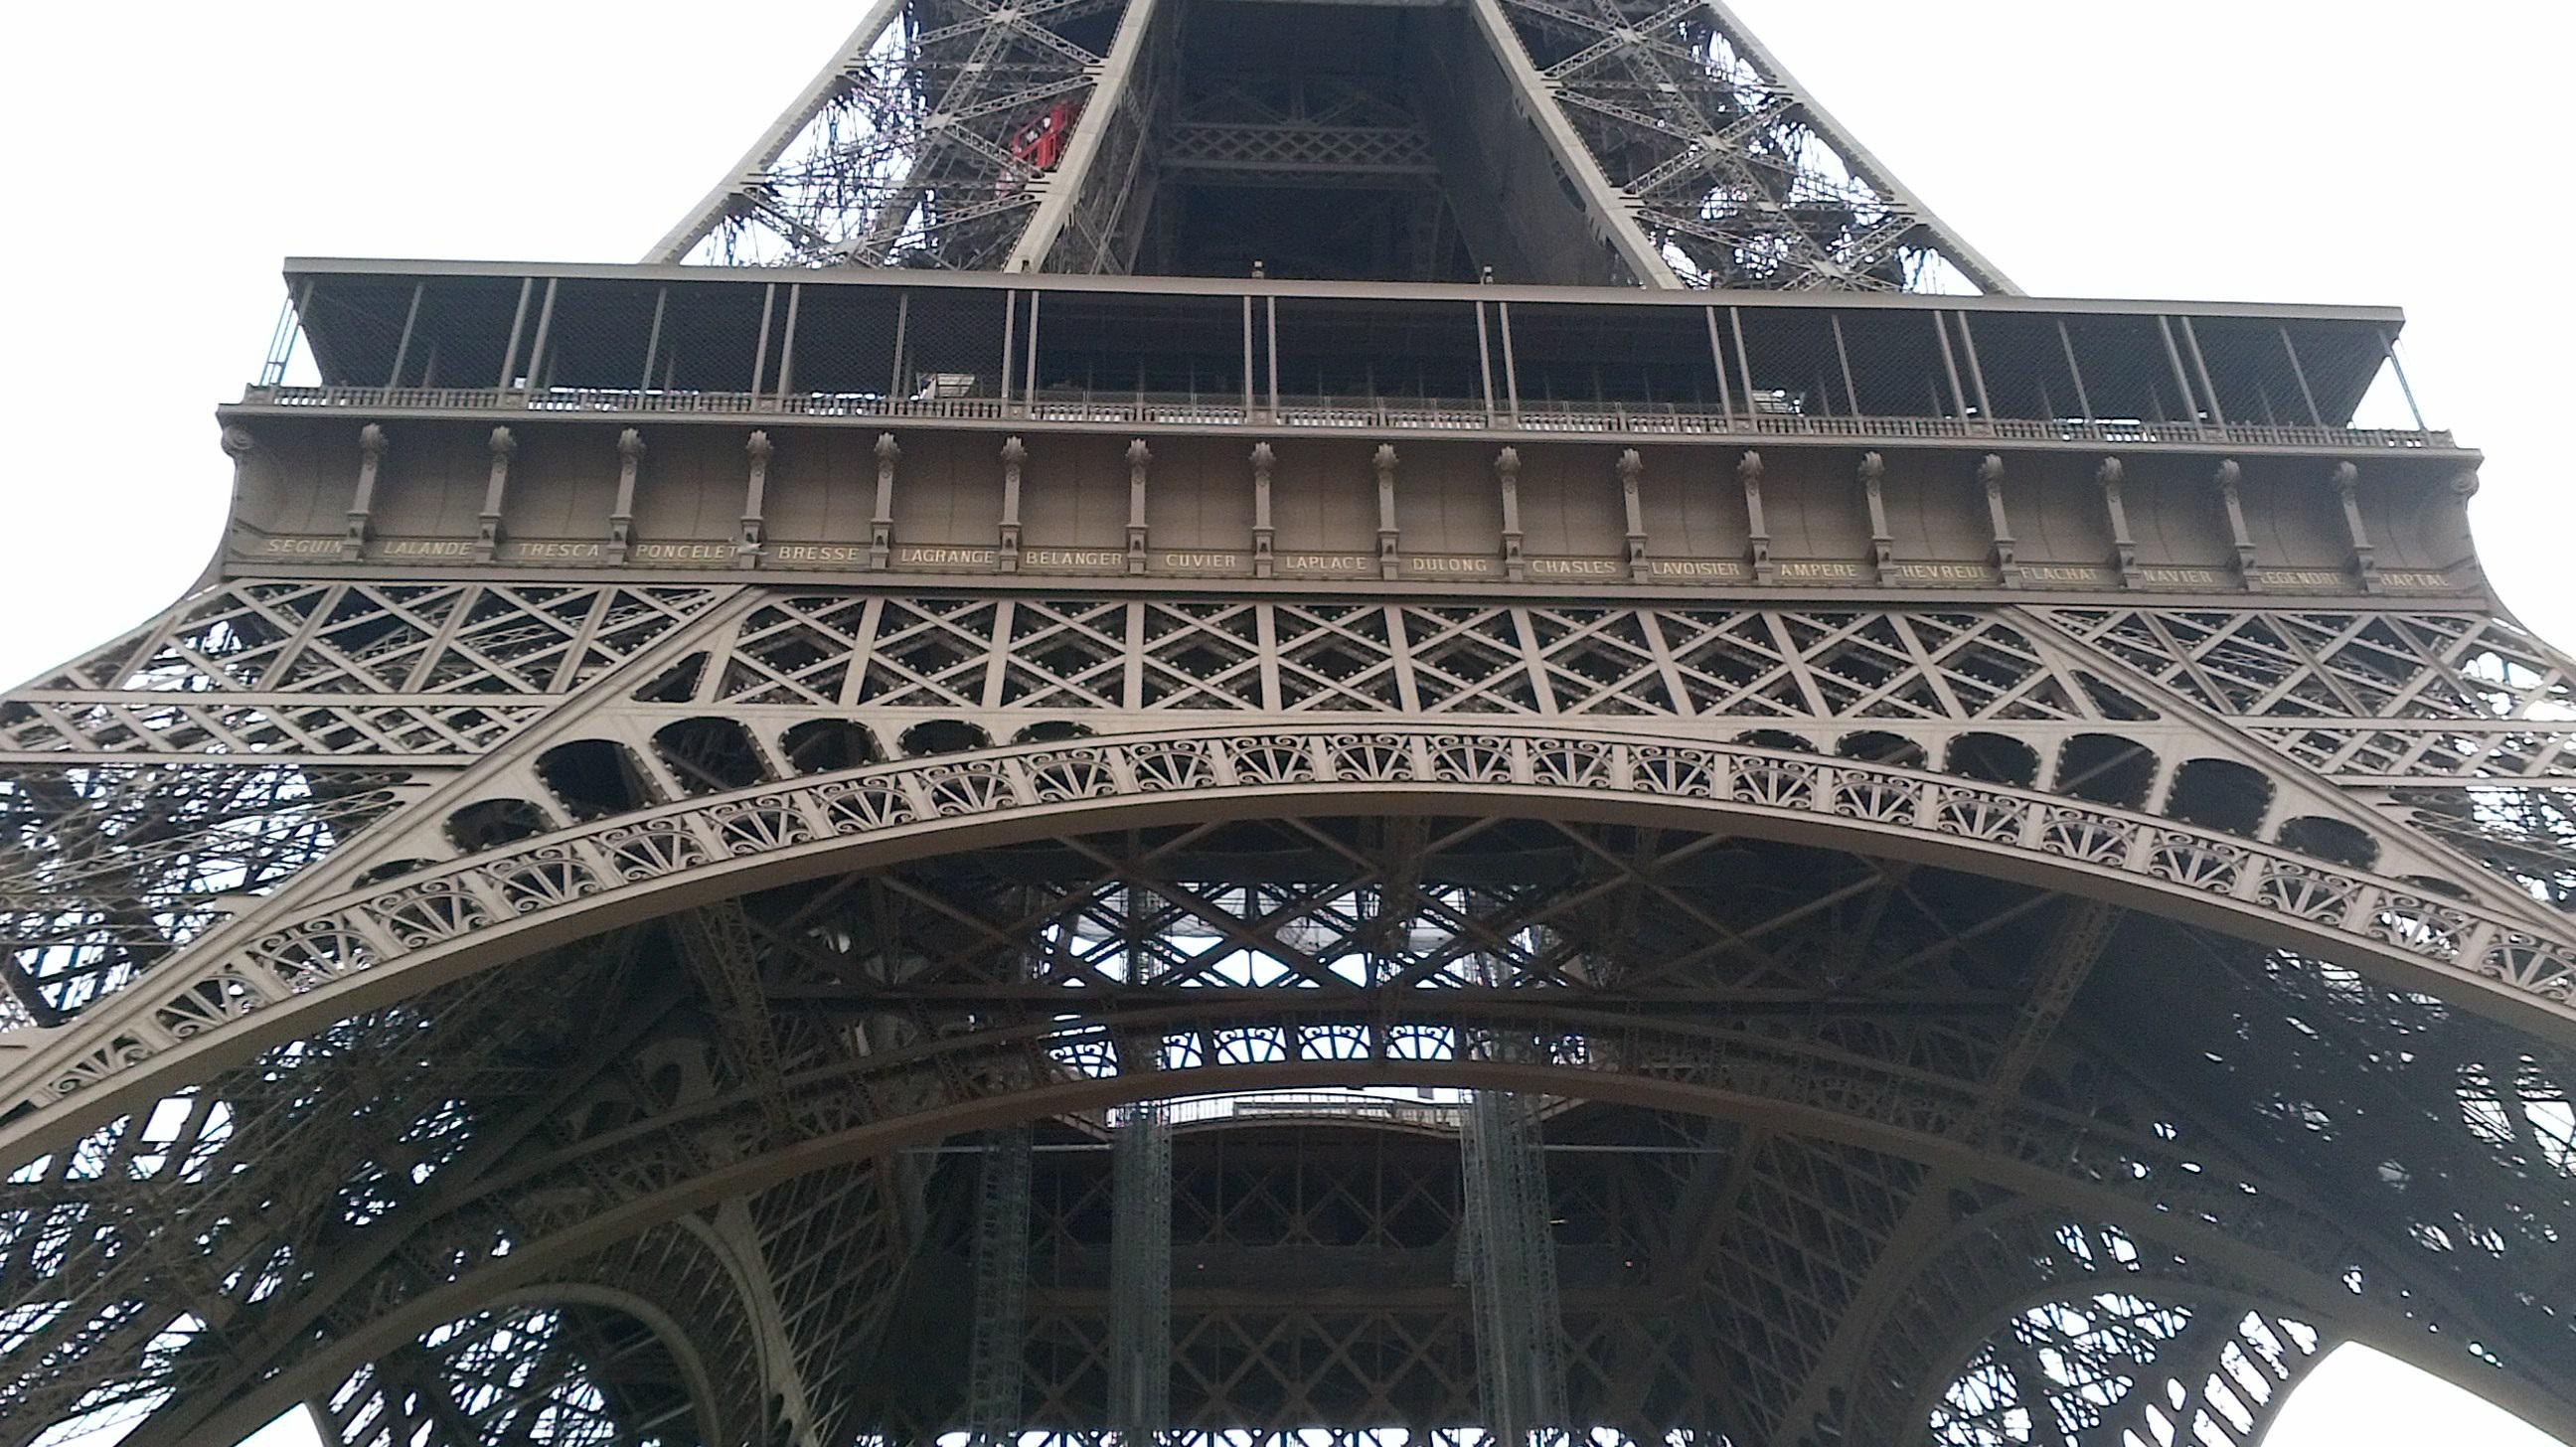 Bogen Stehle kostenlose foto die architektur struktur eiffelturm